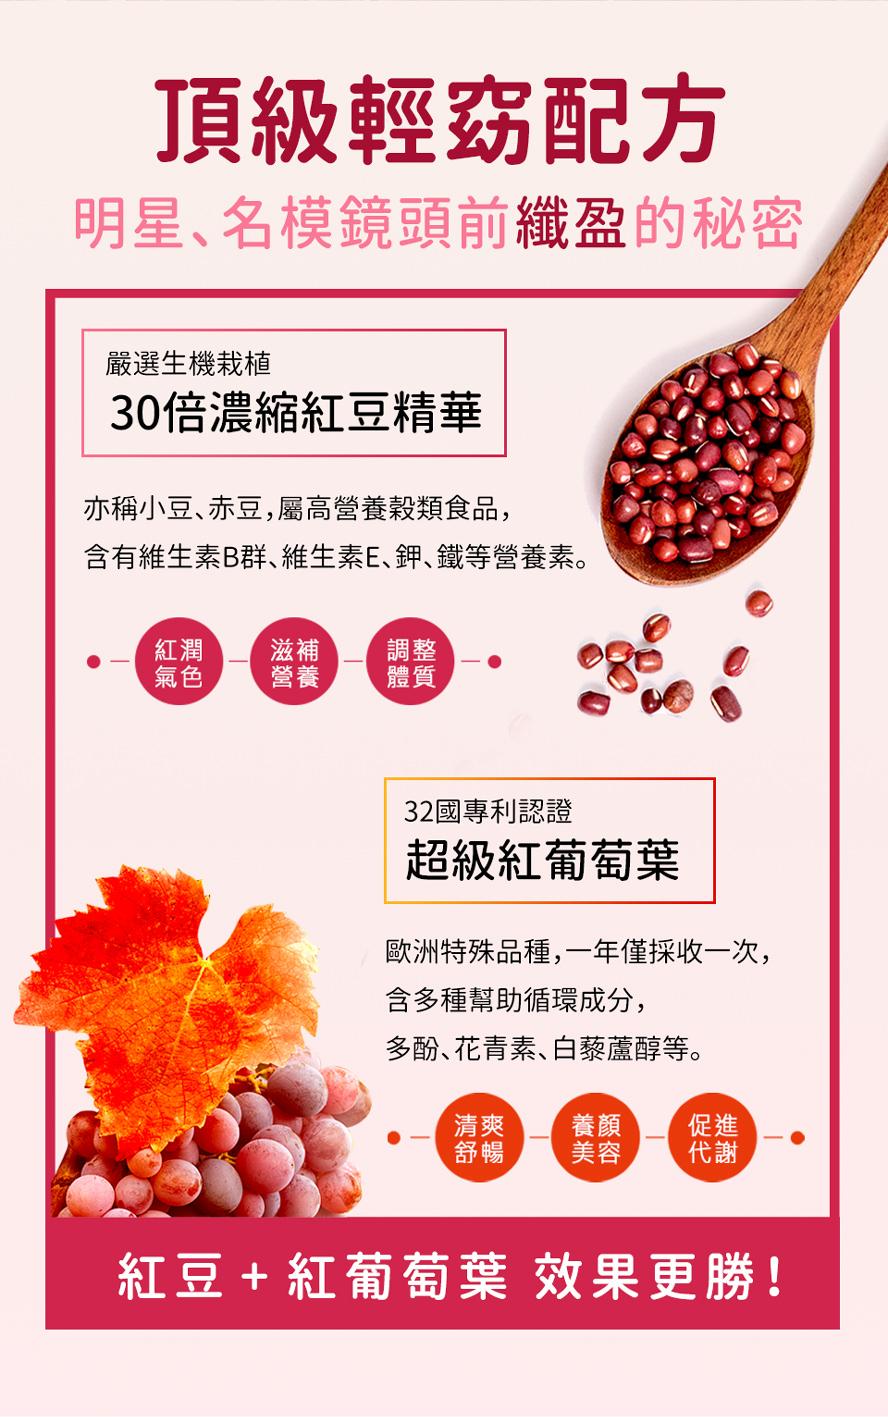 BHK's 紅豆輕窕錠擁有多國專利技術,維持健康代謝